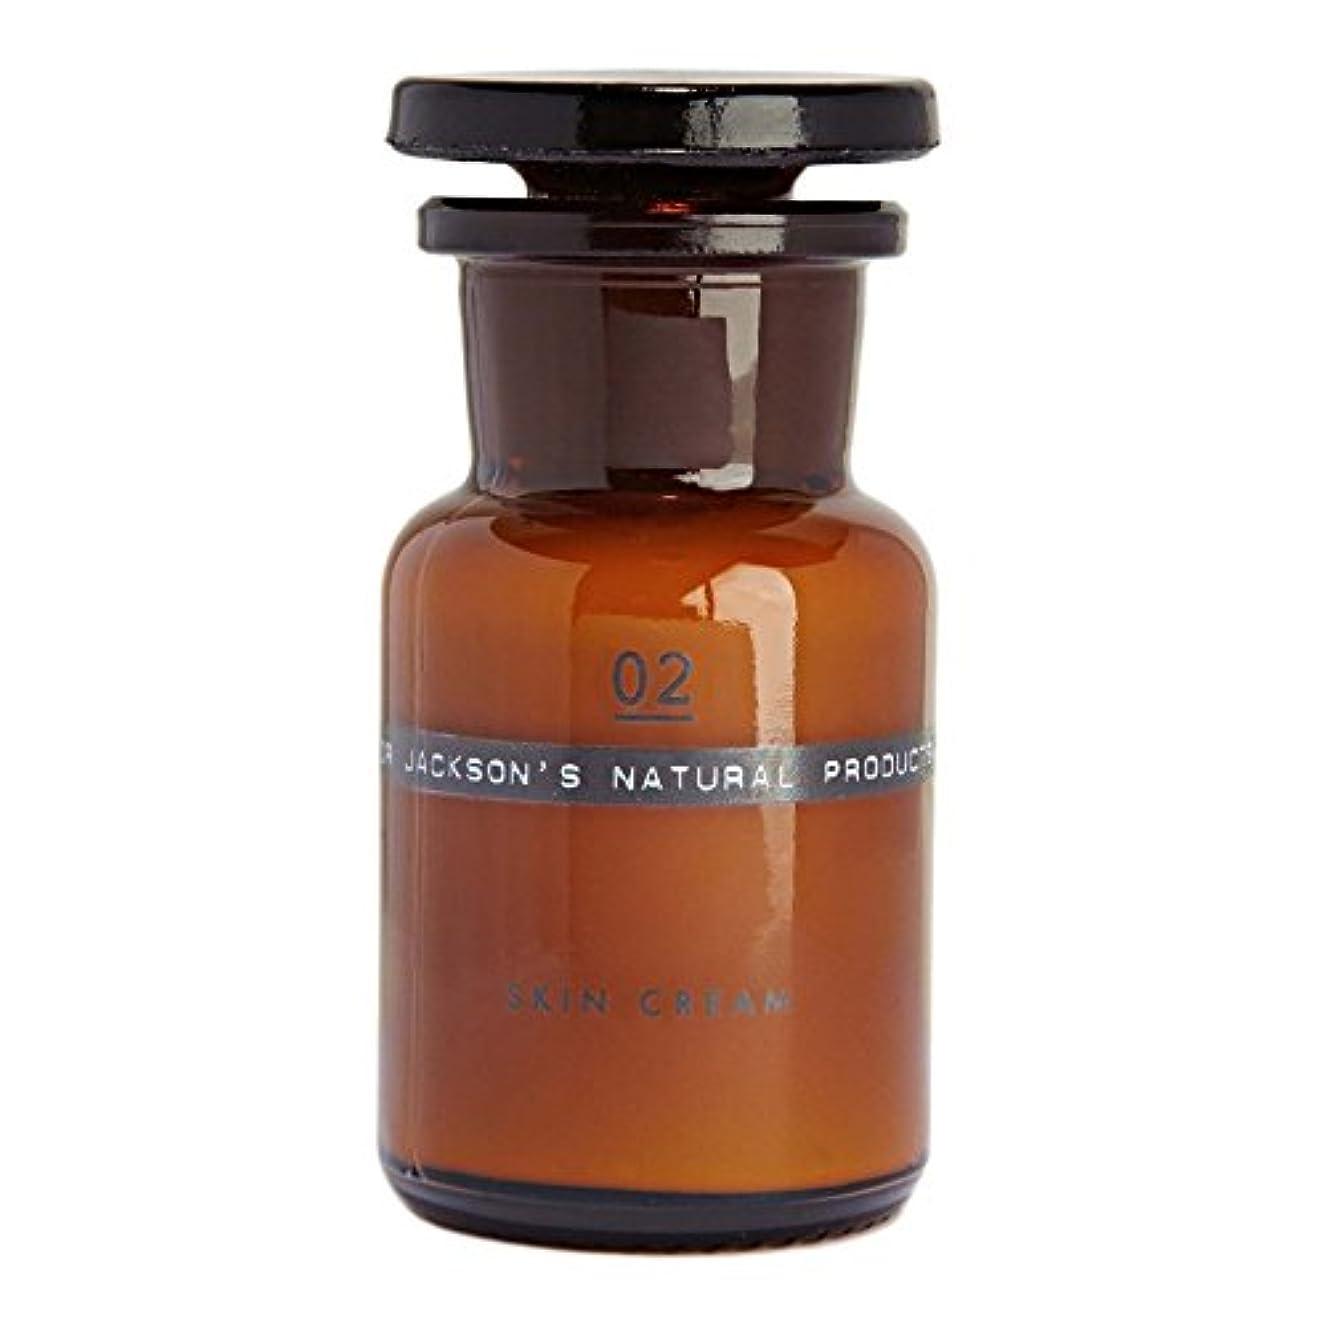 メトリックアジア人壁紙Dr Jackson's 02 Skin Cream 50ml (Pack of 6) - ジャクソンの02スキンクリーム50ミリリットル x6 [並行輸入品]